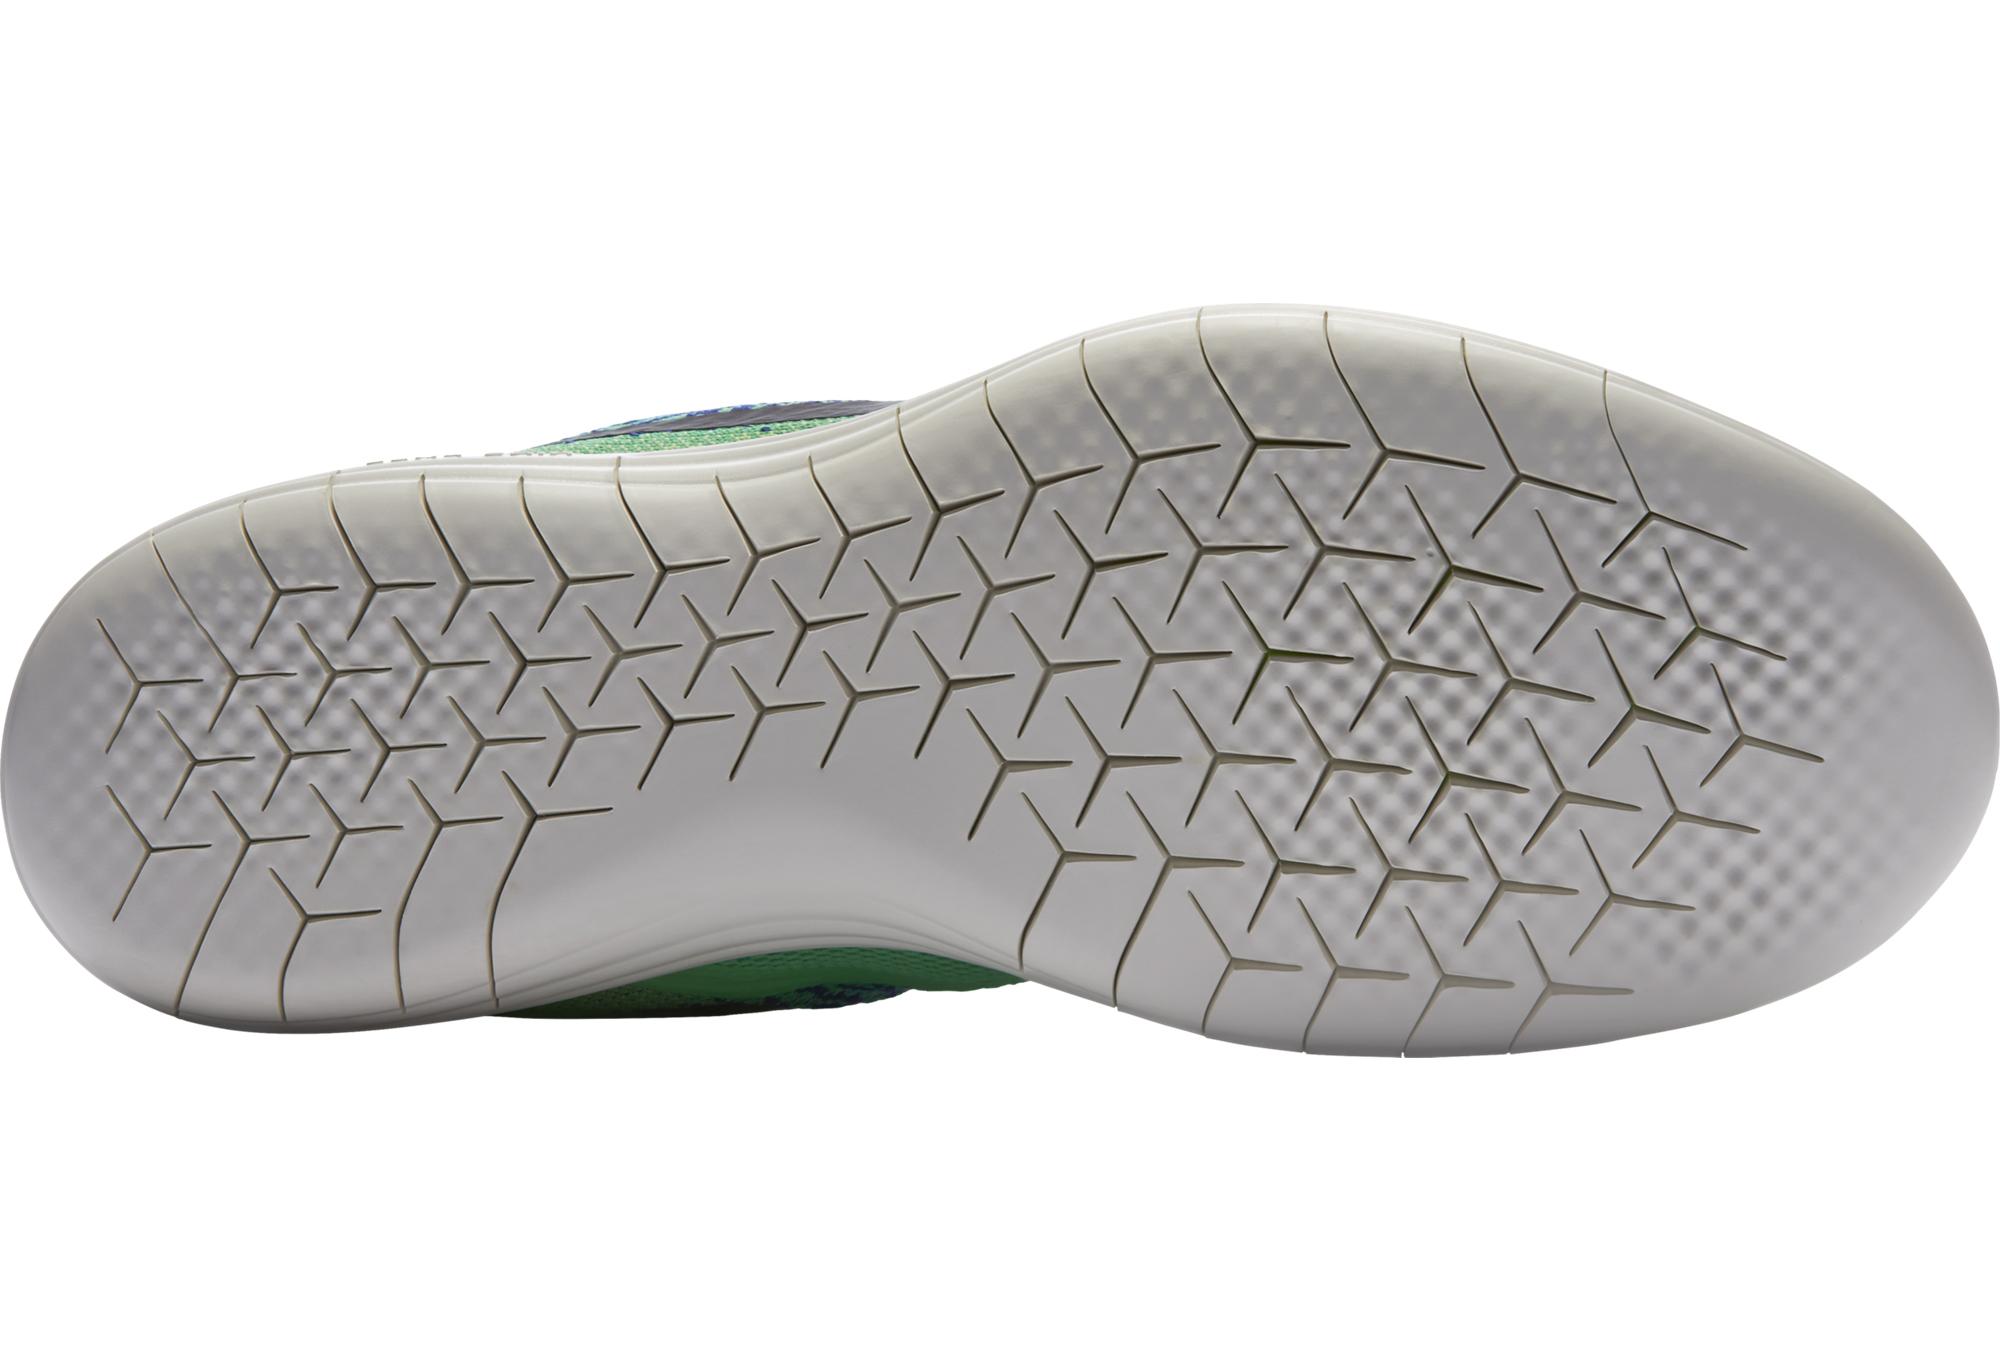 meet 3081a 48c86 Chaussures de Running Nike FREE RUN DISTANCE 2 Bleu   Vert